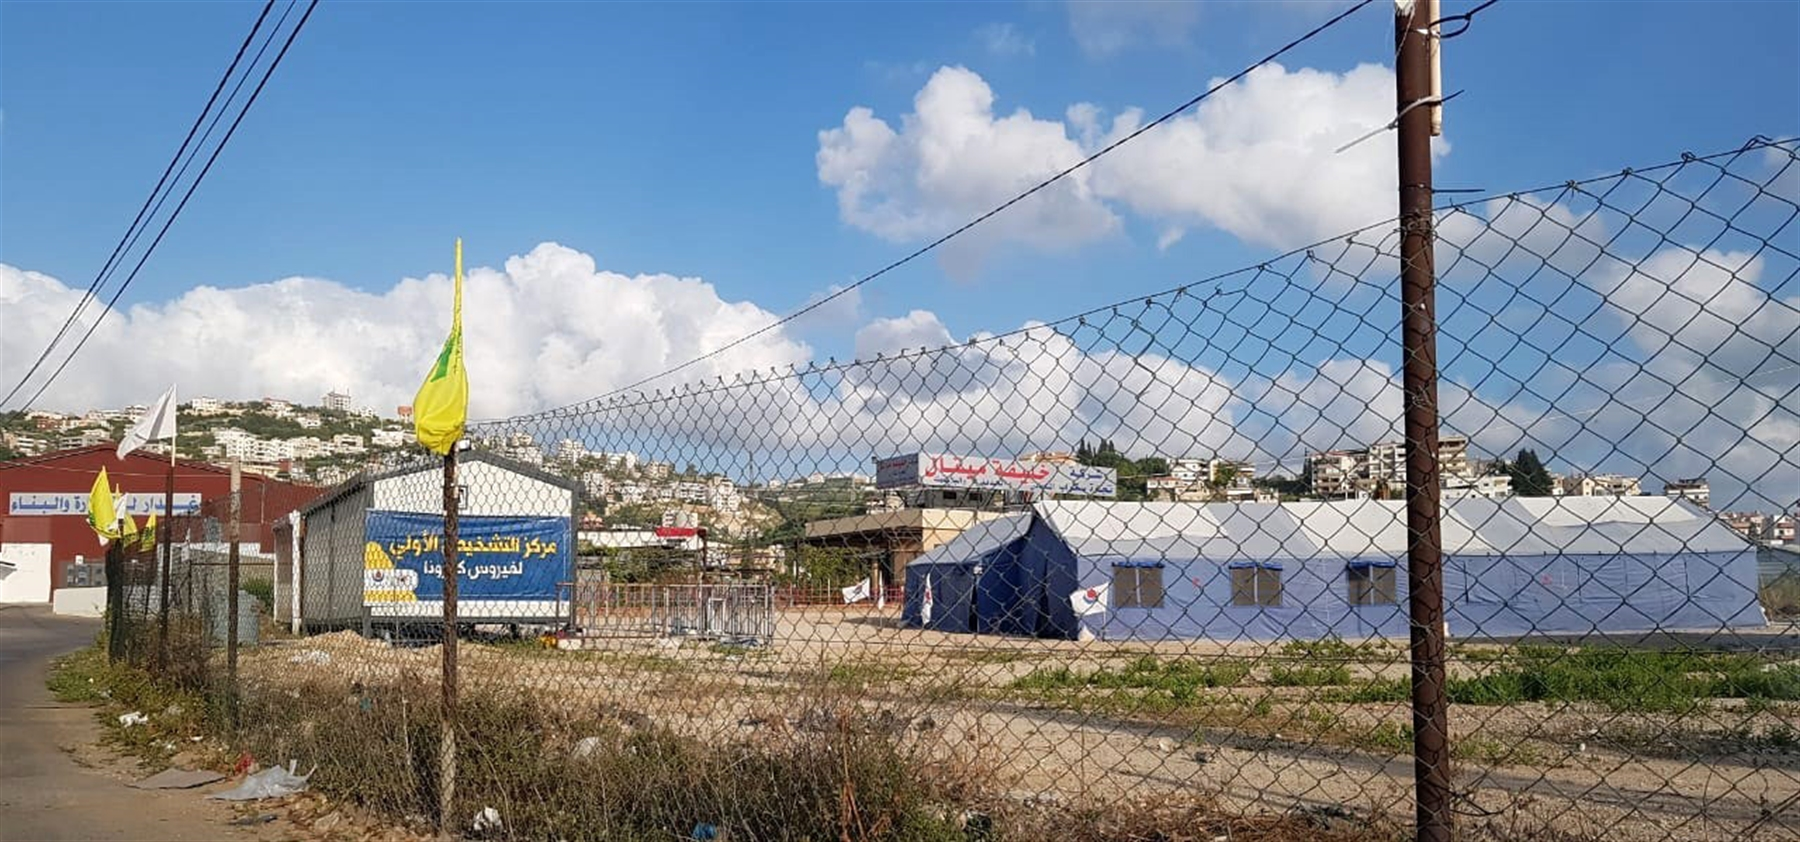 مدخل الغازية (في صيدا) حيث أطلق حزب الله مركز تشخيص مجاني لفيروس كورونا لسكان المنطقة. تصوير: لونا دايخ، أيار 2020